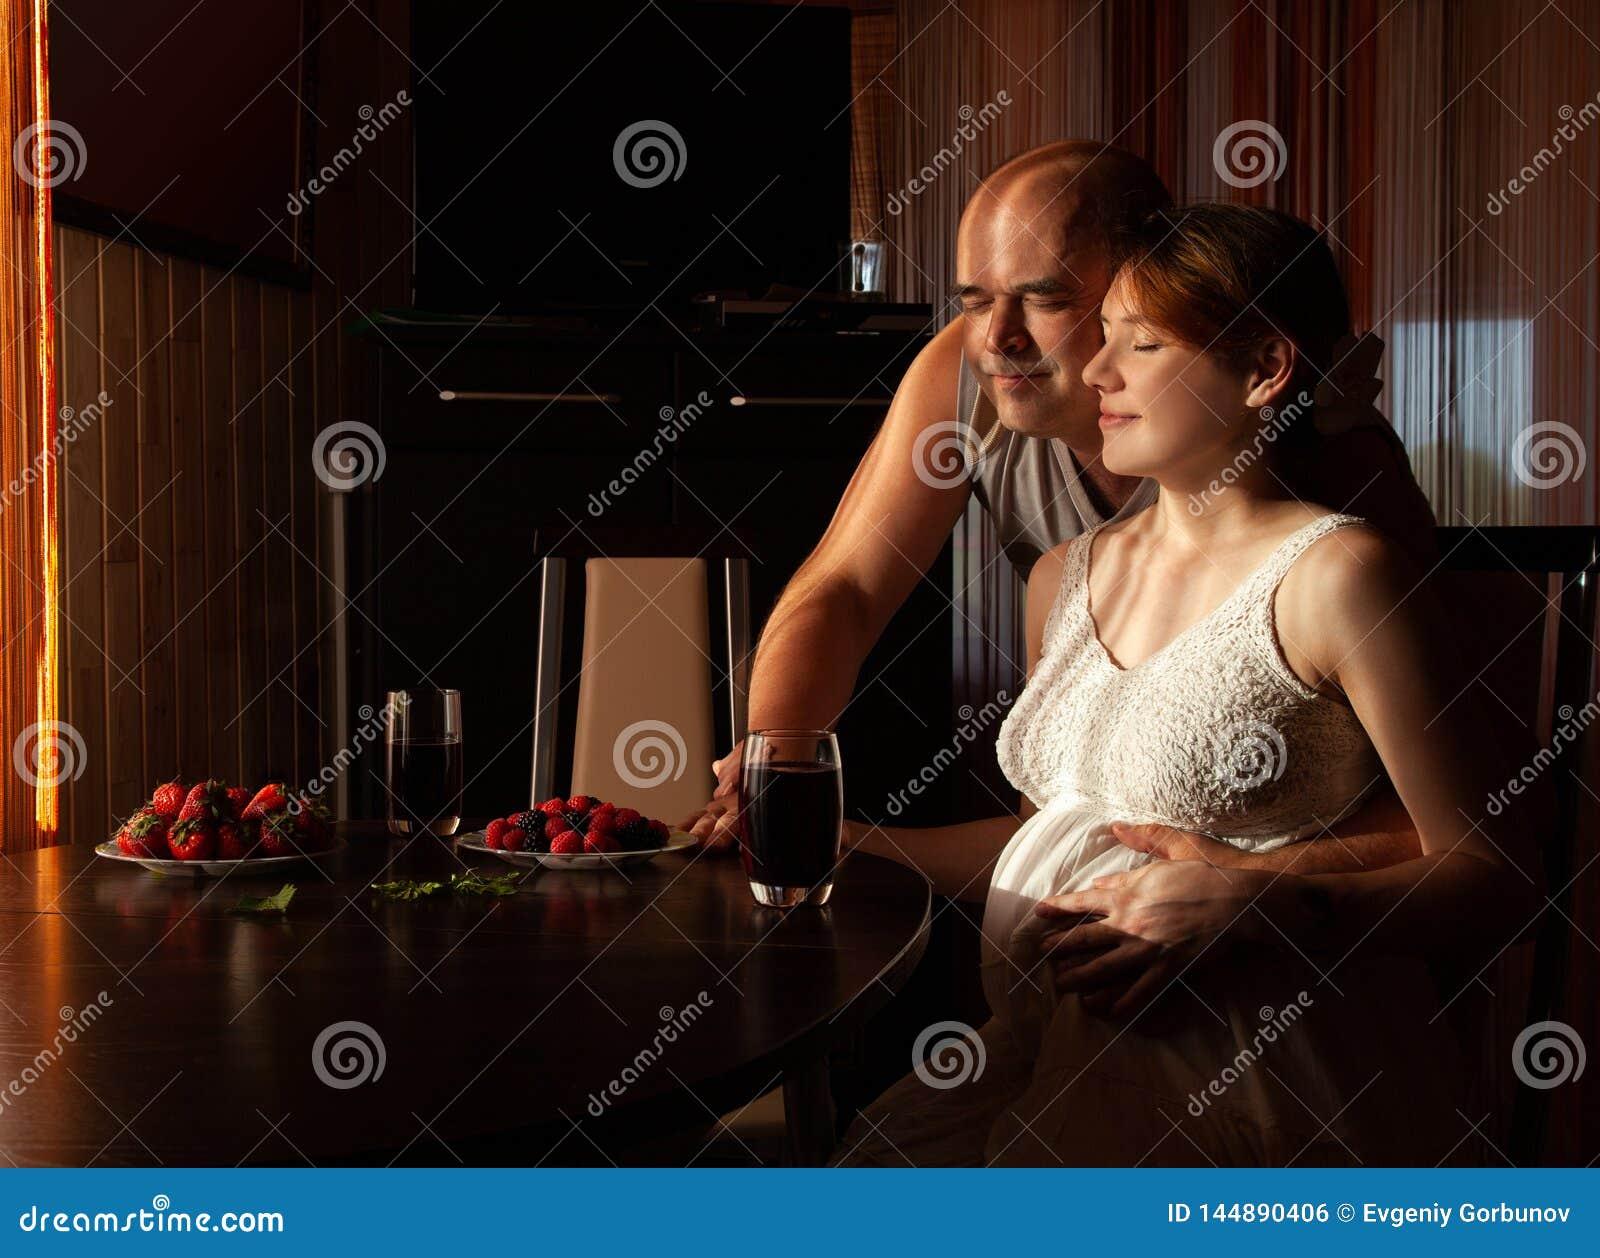 La mujer embarazada con su marido